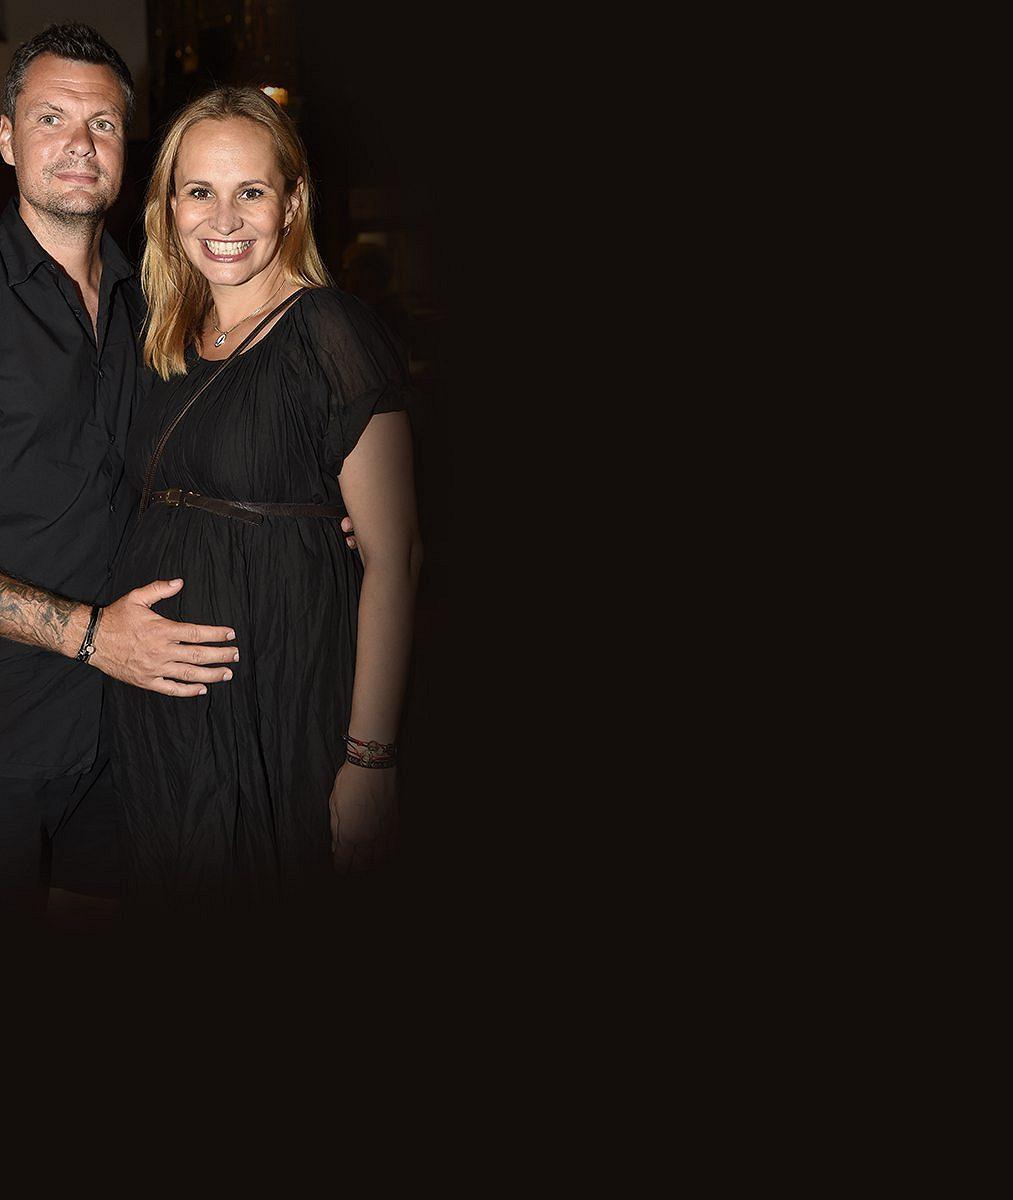 Monika Absolonová se raduje z rozesmátého miminka. Matoušovi jsou 2 měsíce a je kouzelný